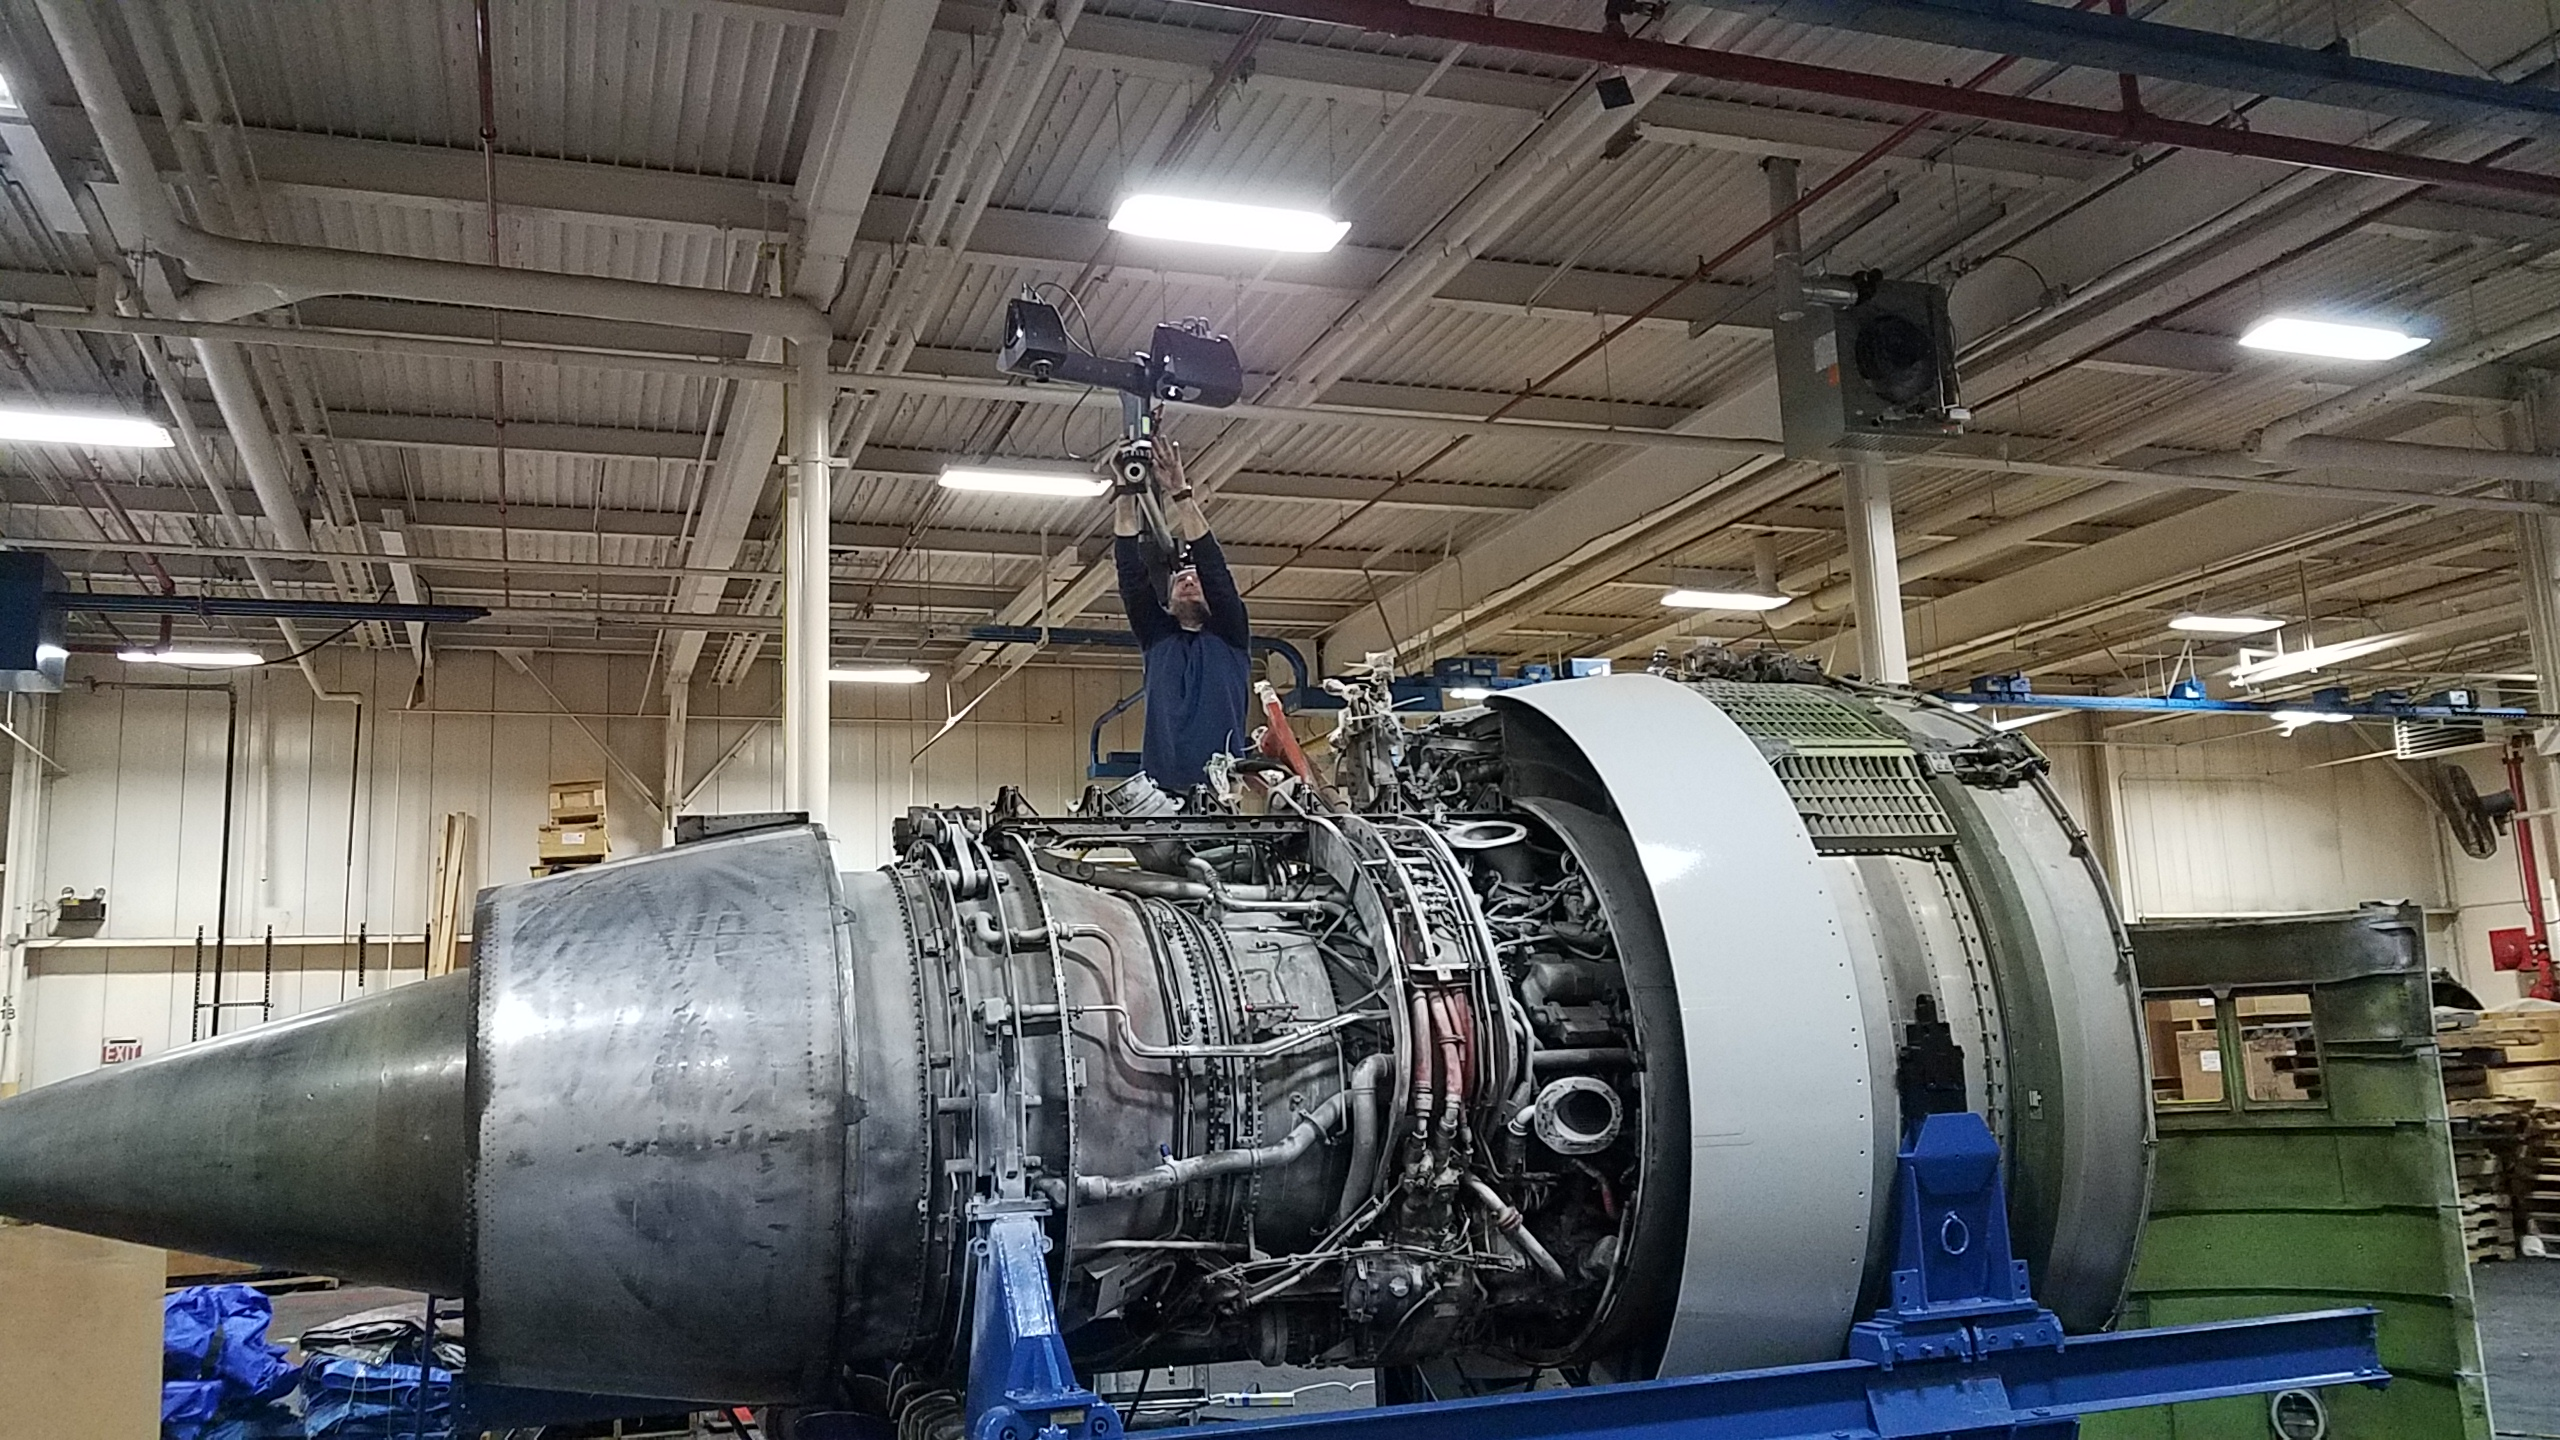 Pratt & Whitney JT9D